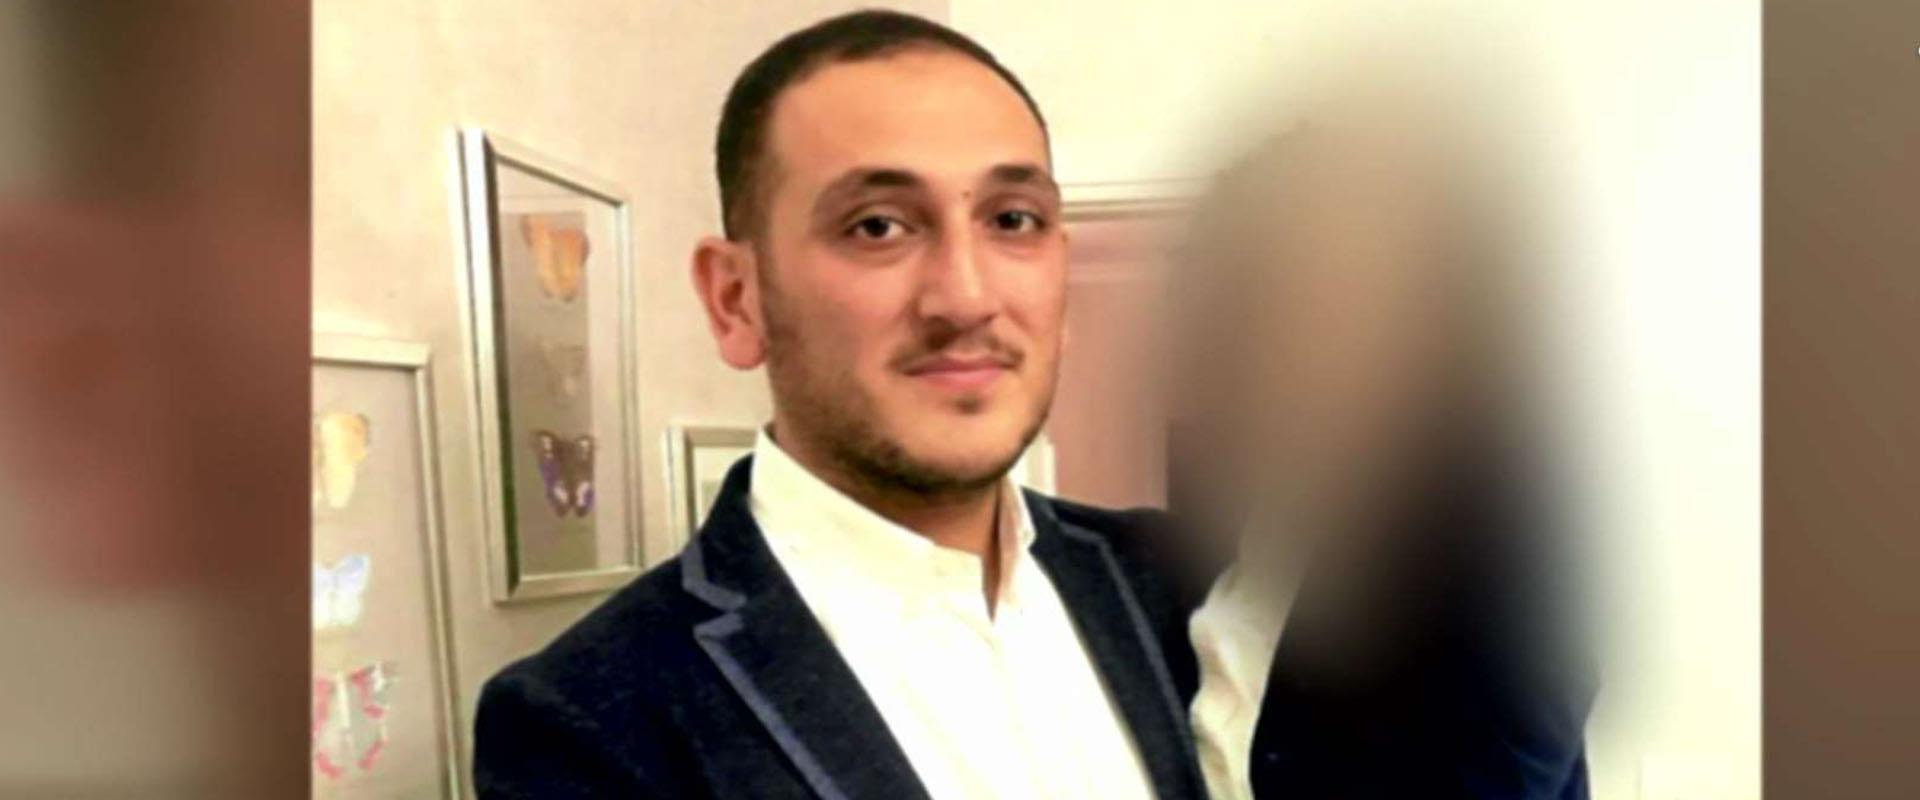 זיו אנוקוב (31) מת בביתו בנתניה לפני שנתיים. התיק